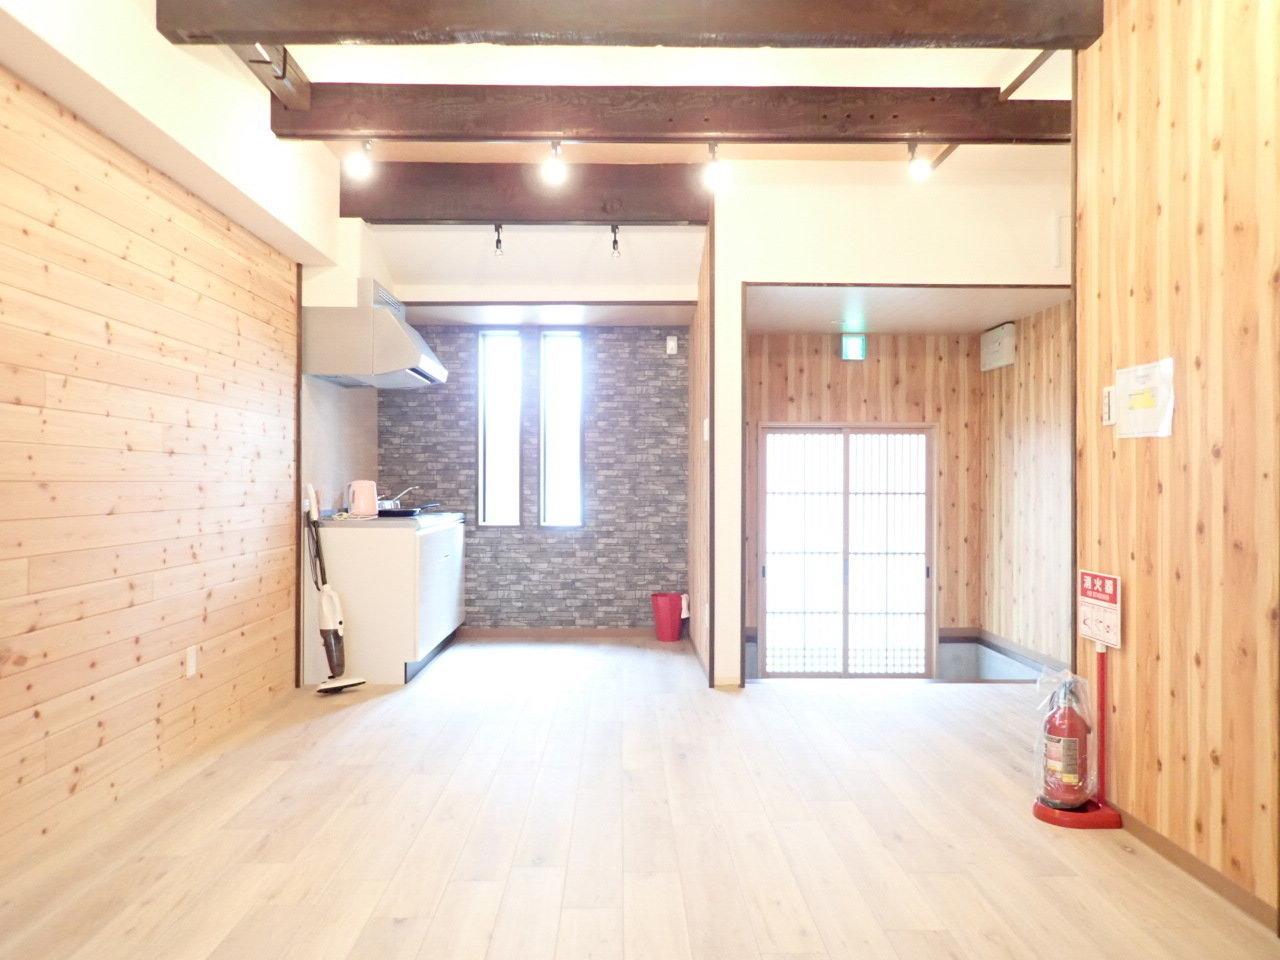 木製の壁が一面に広がる、2DKテラスハウス。天井が高くて気持ちがいい!